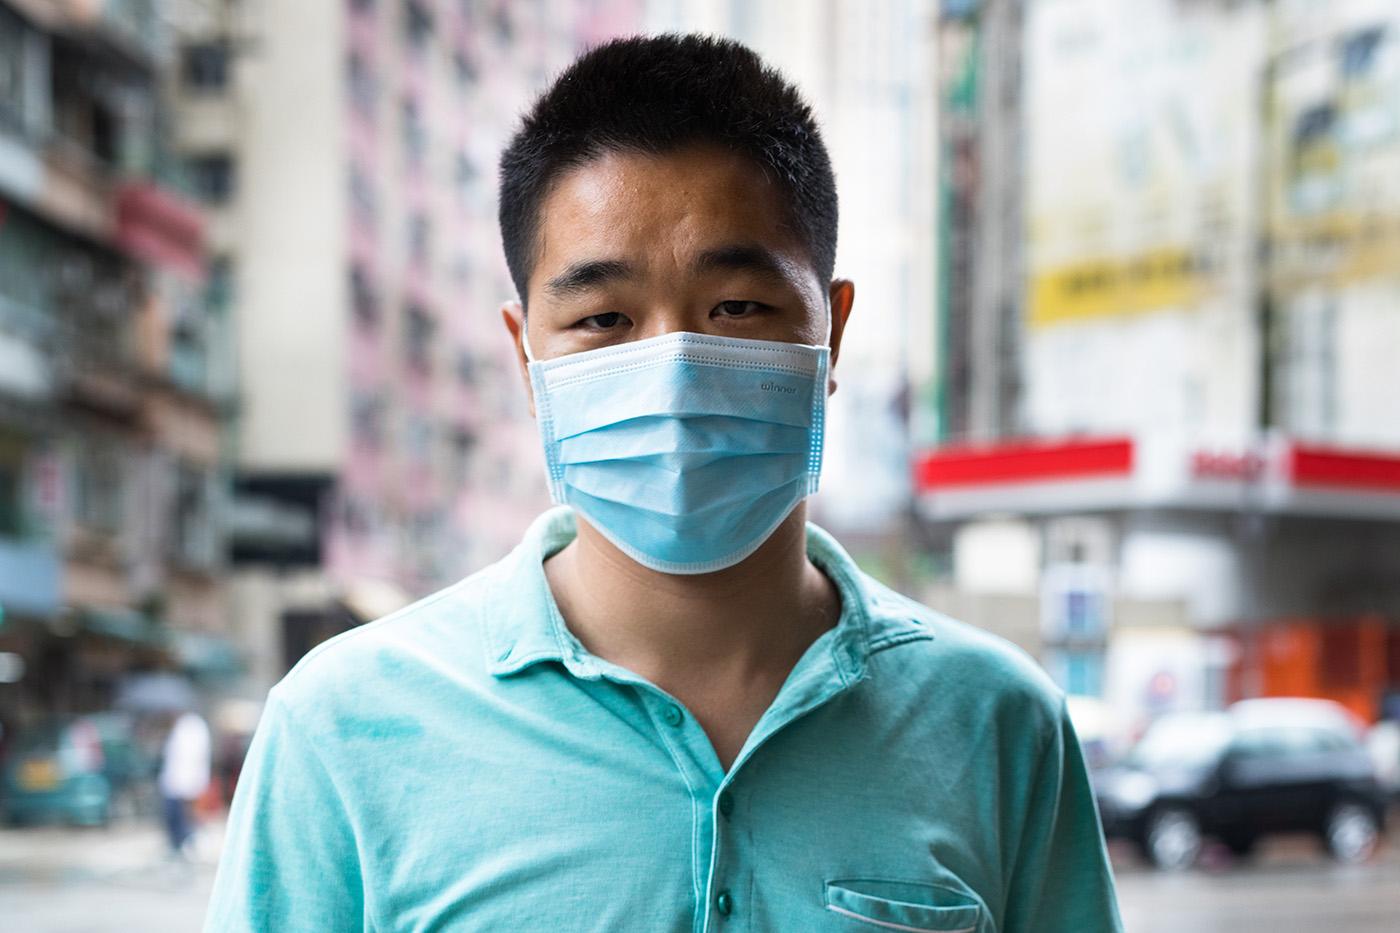 Tung Hung, 28 ans, a été atteint d'une leucémie après avoir travaillé dans une usine de clubs de golf. (photo Clément Bürge/8e étage)